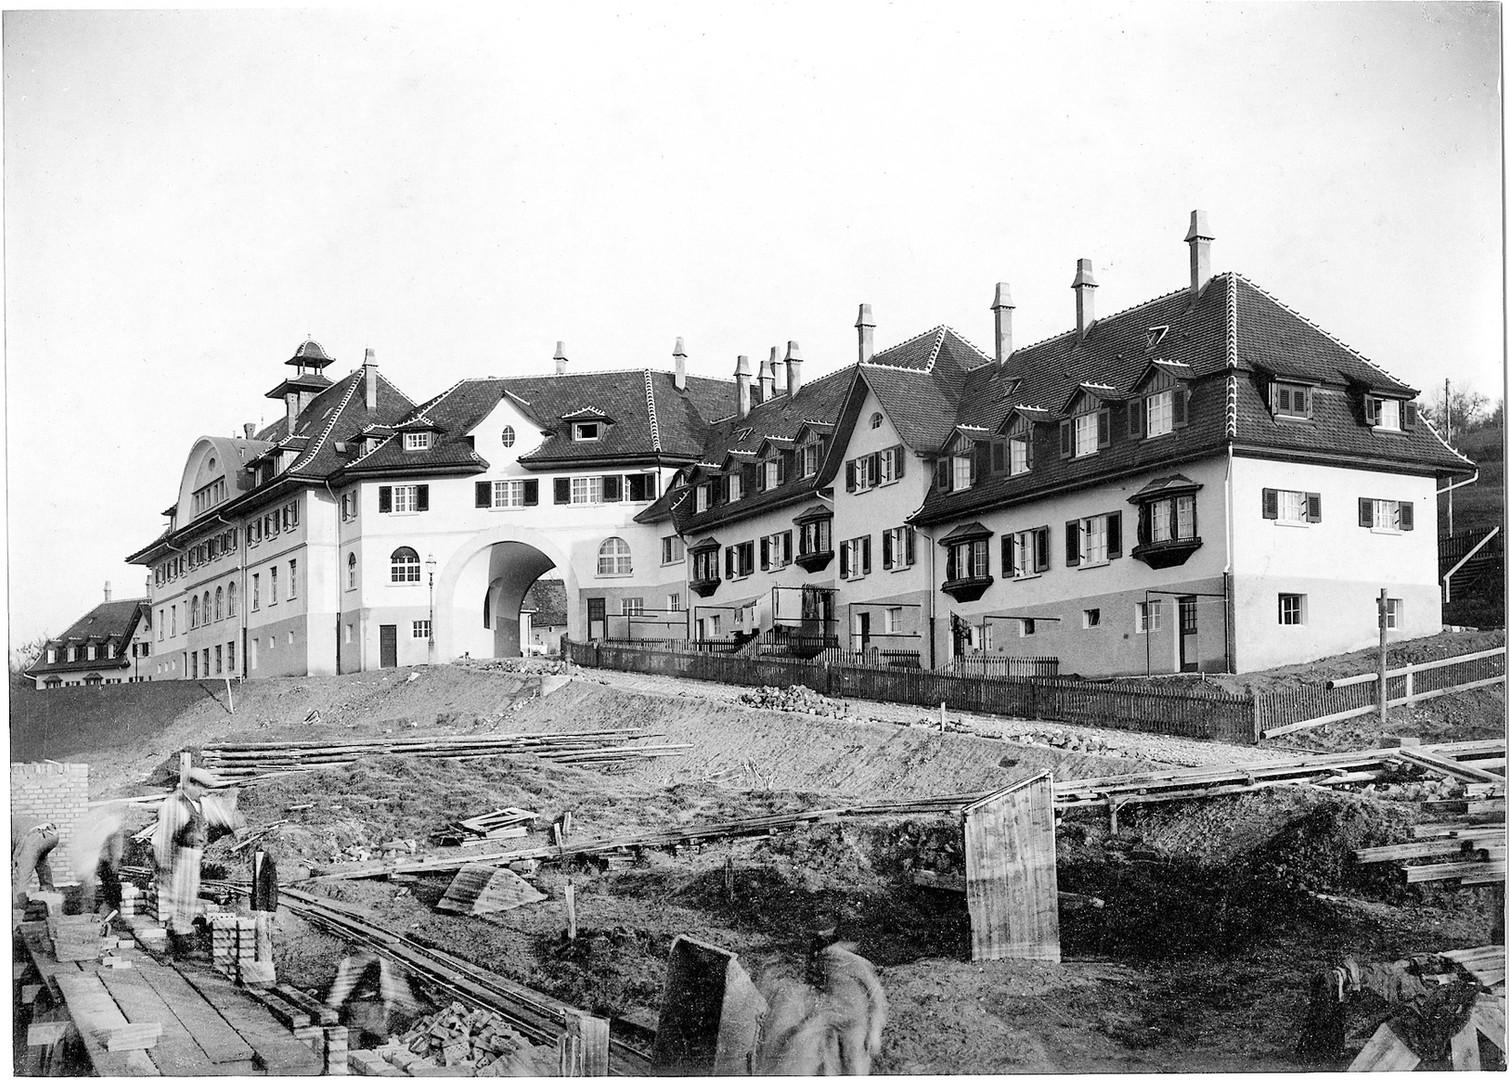 2009 02. 09. Foto Archiv EBG St.Gallen.